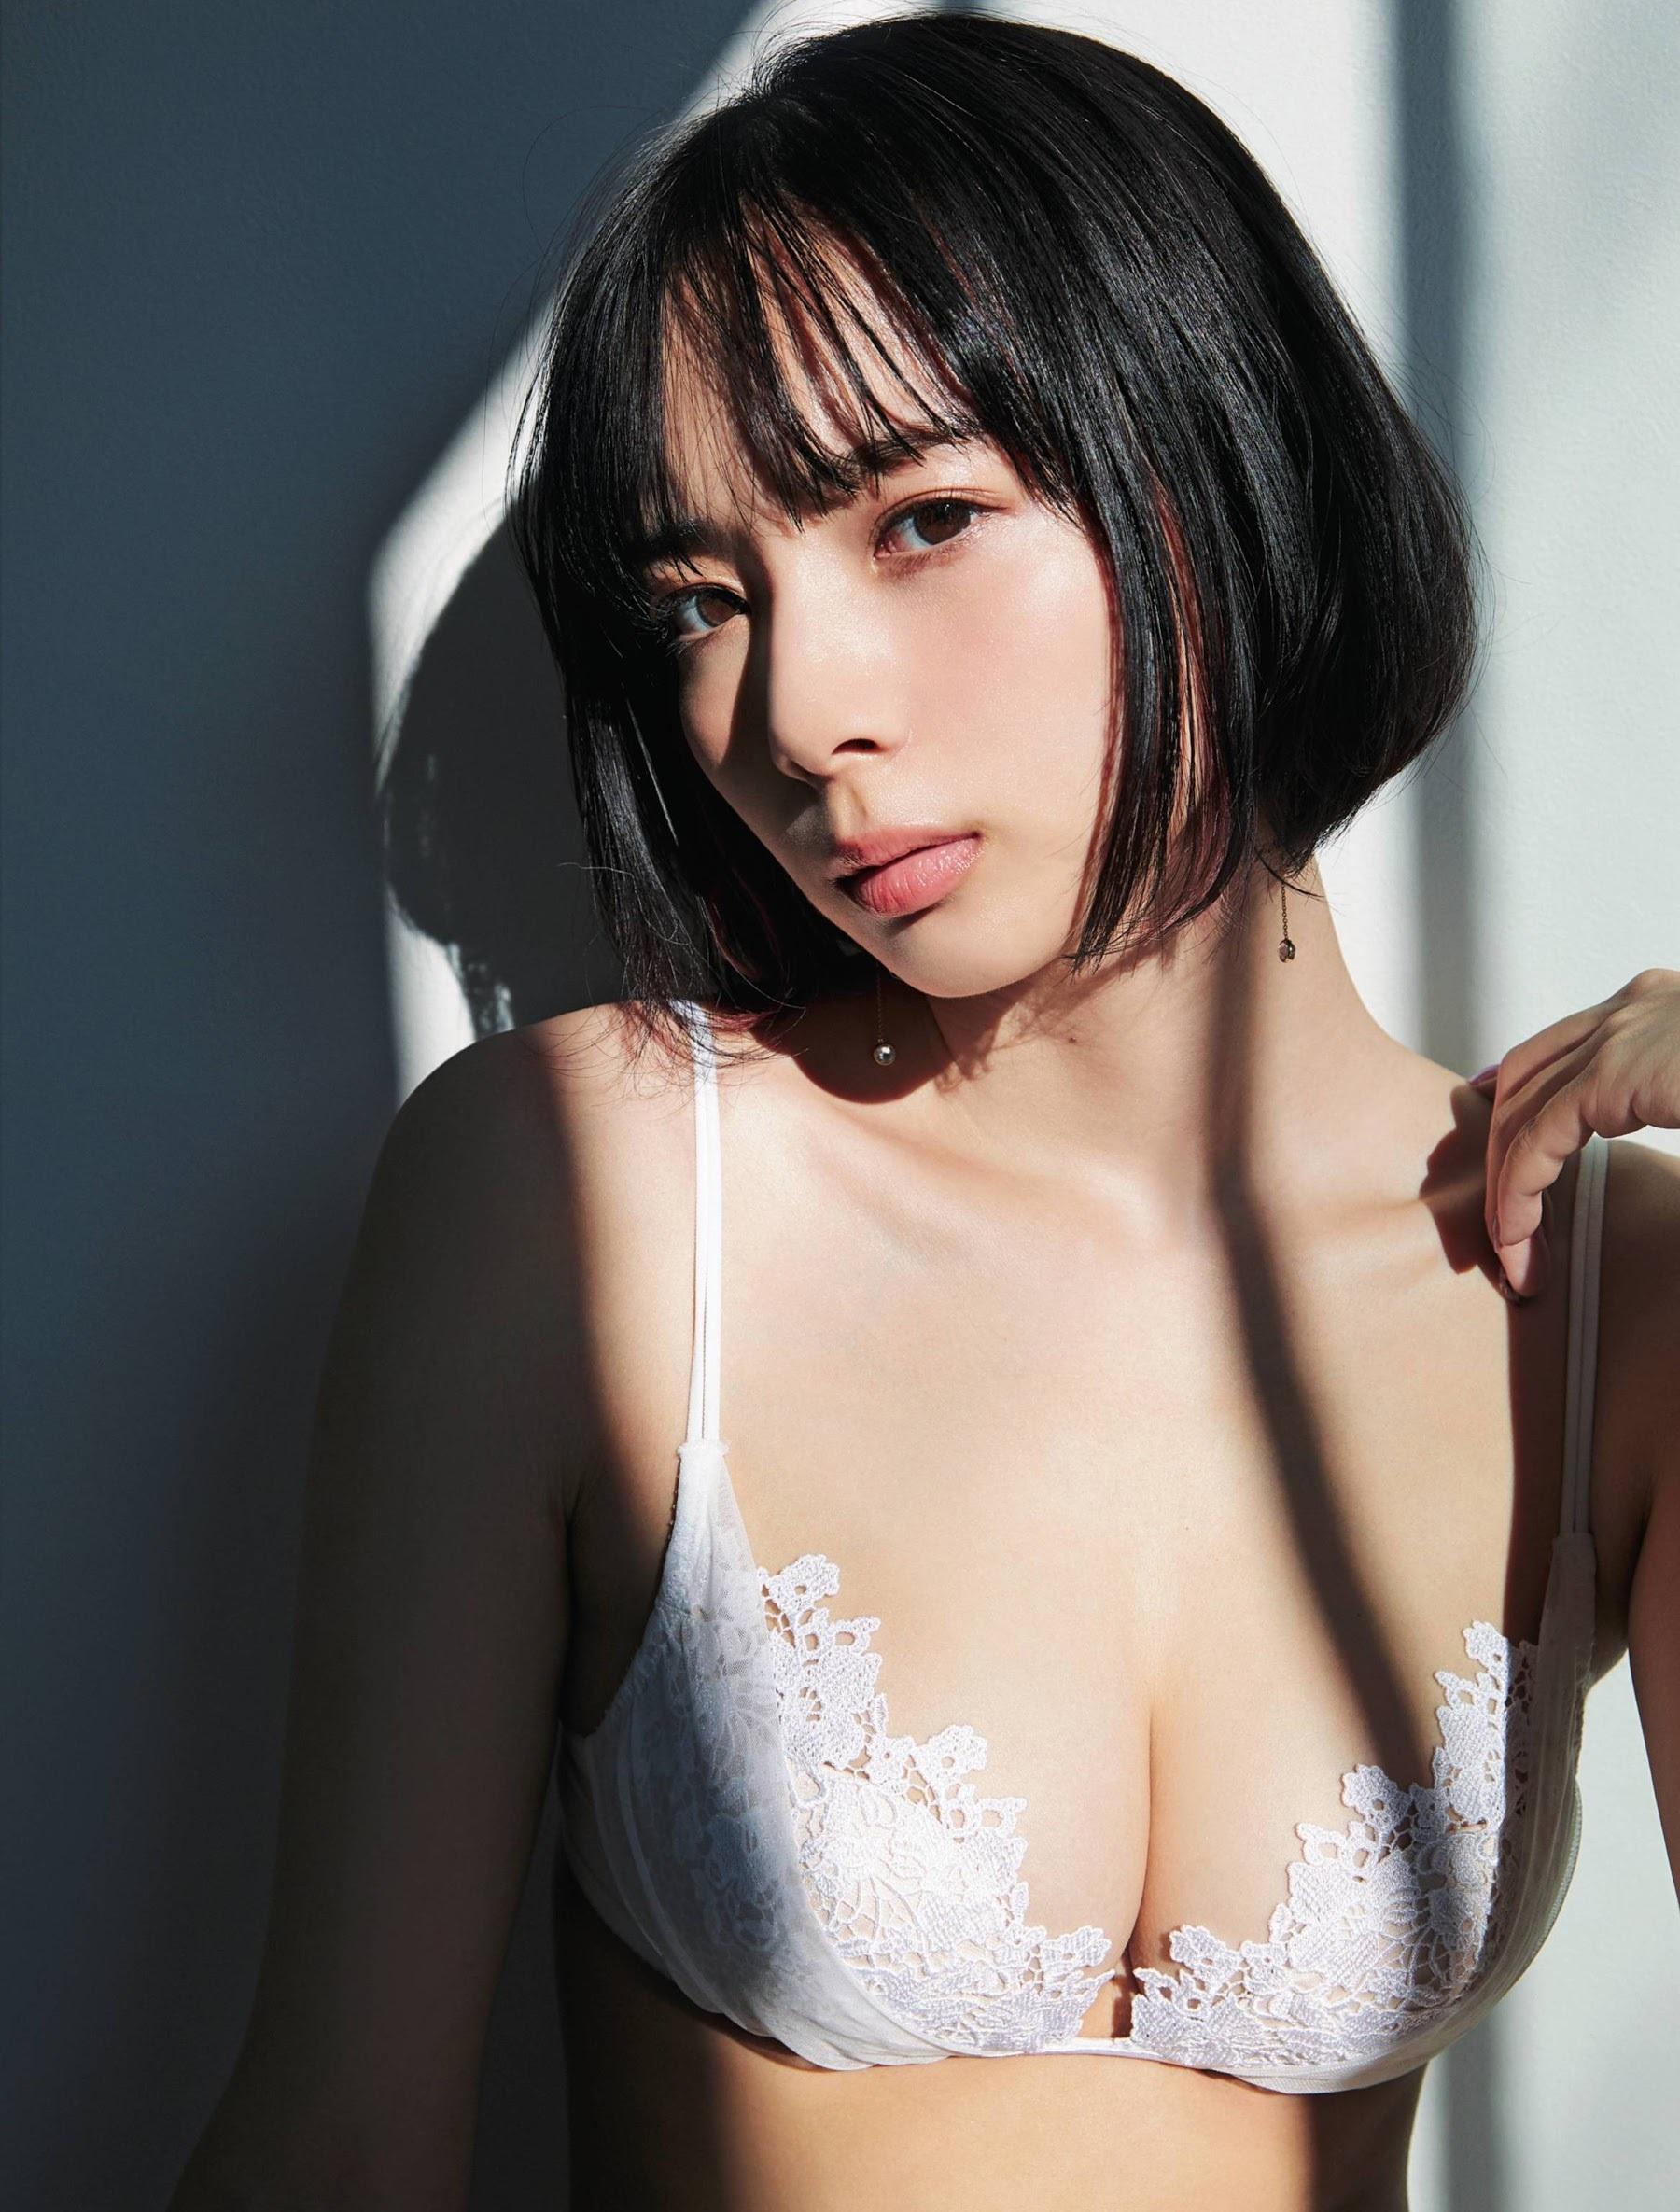 岡田紗佳94